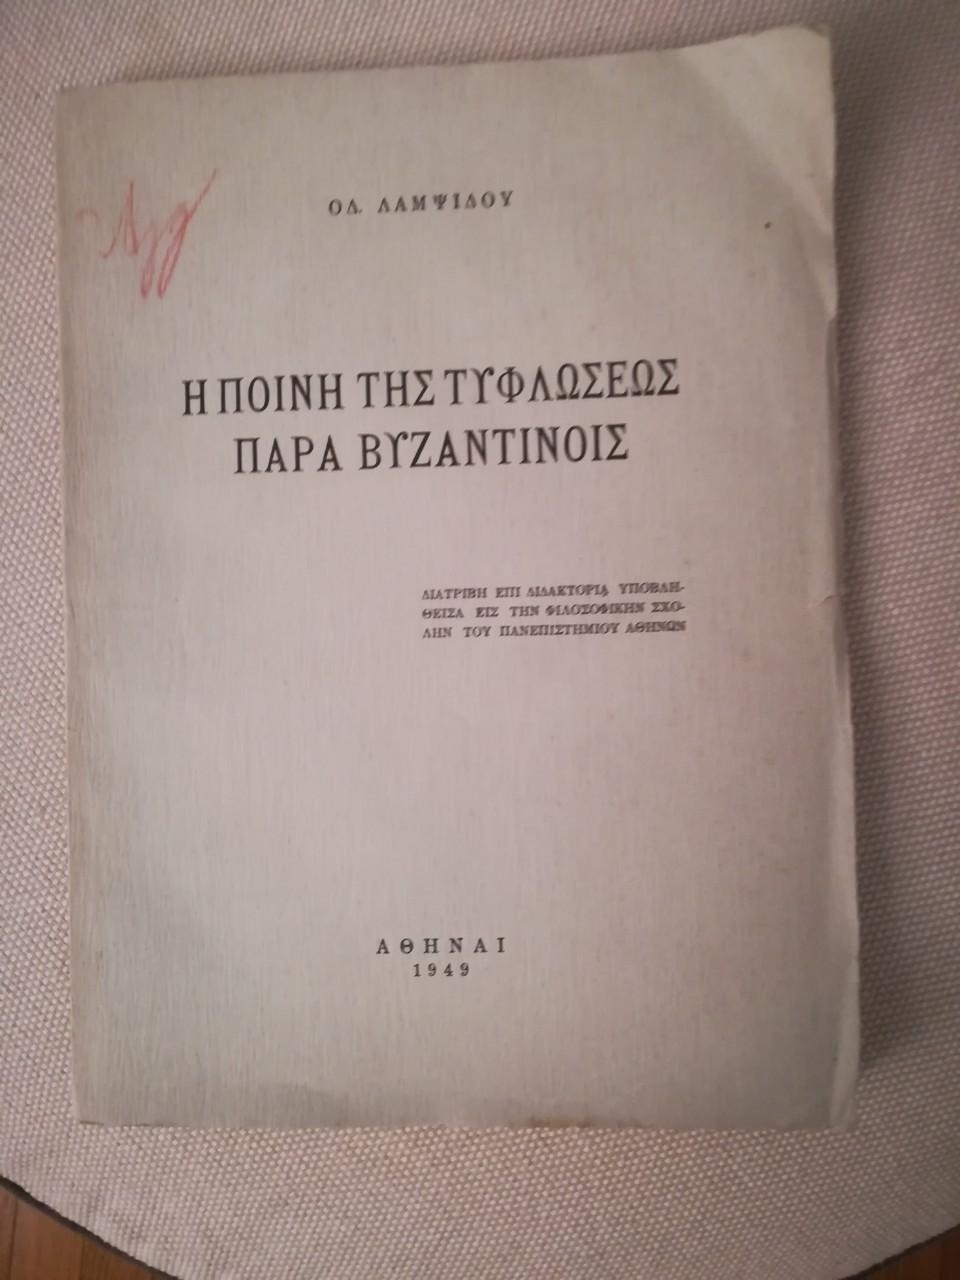 lampsidis od 1949